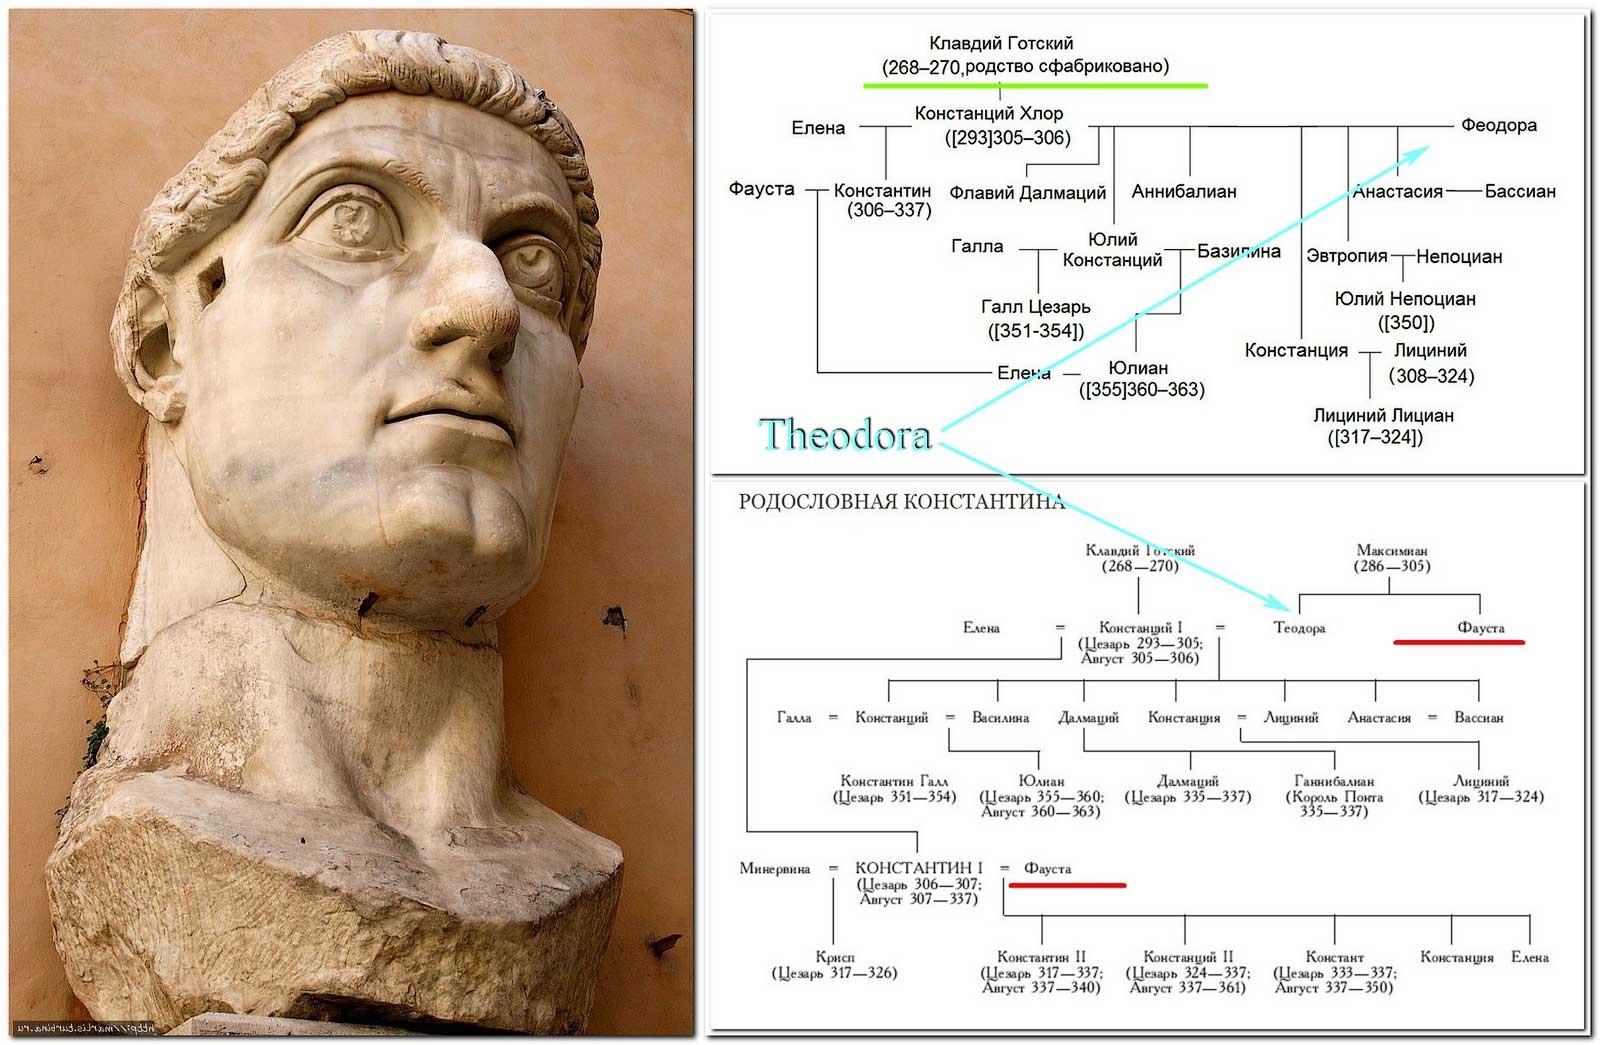 Родословная Константина Великого